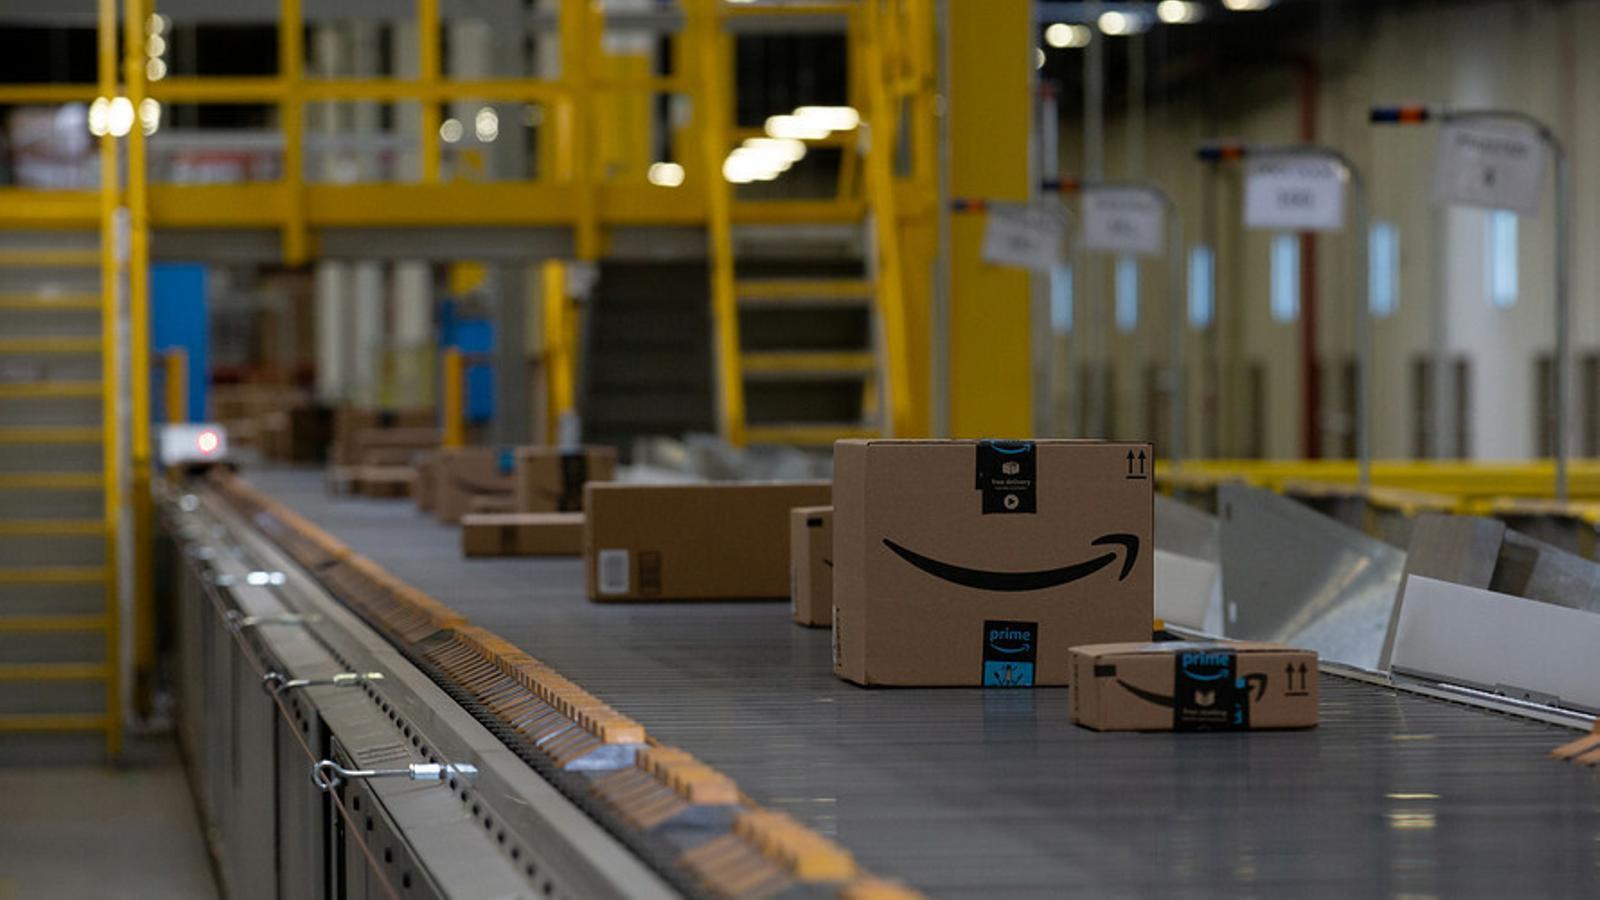 Una de les centrals de distribució d'Amazon. / ARXIU ARA